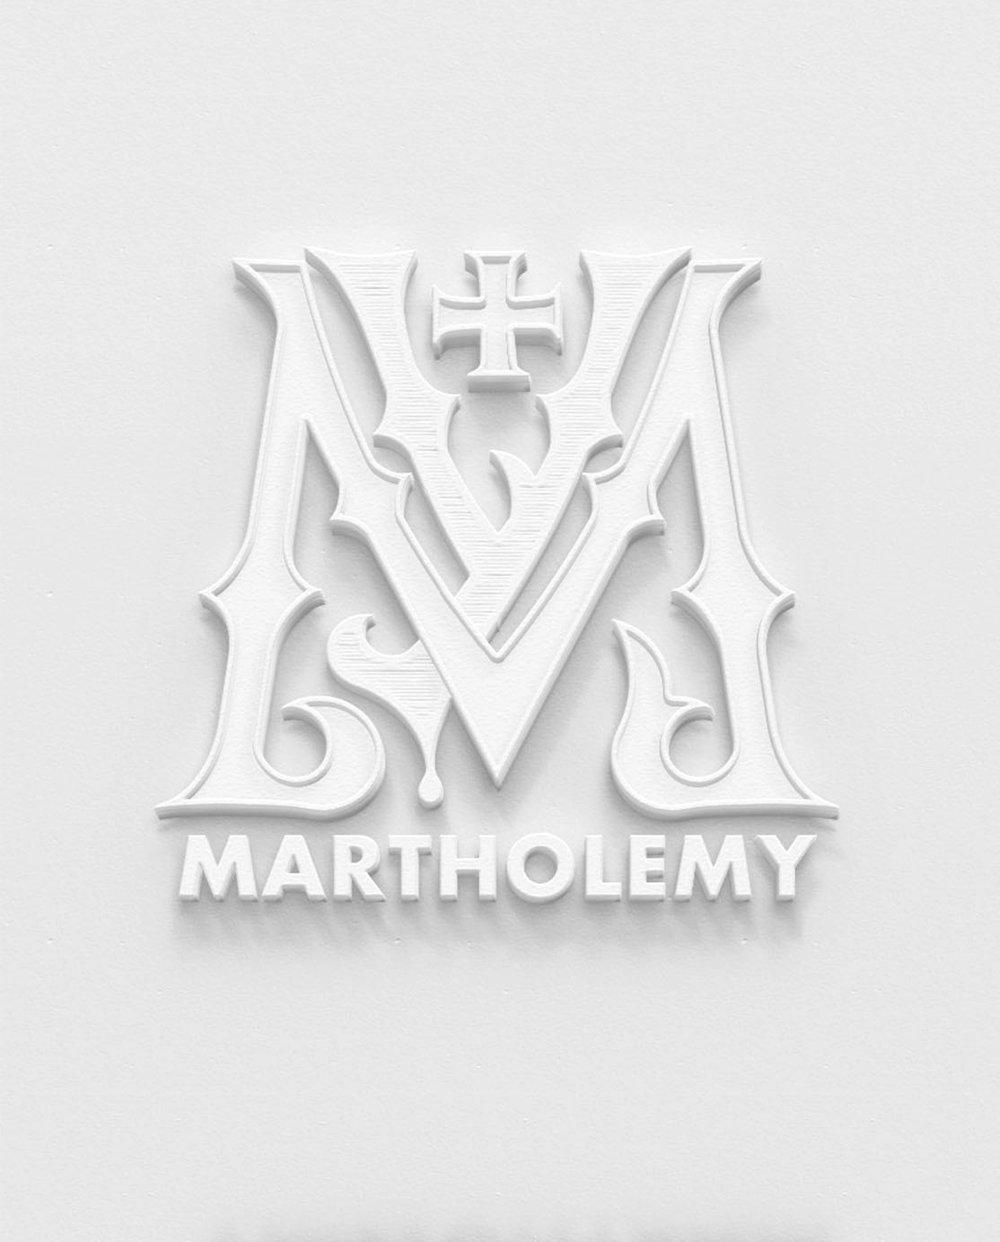 Martholemy.com